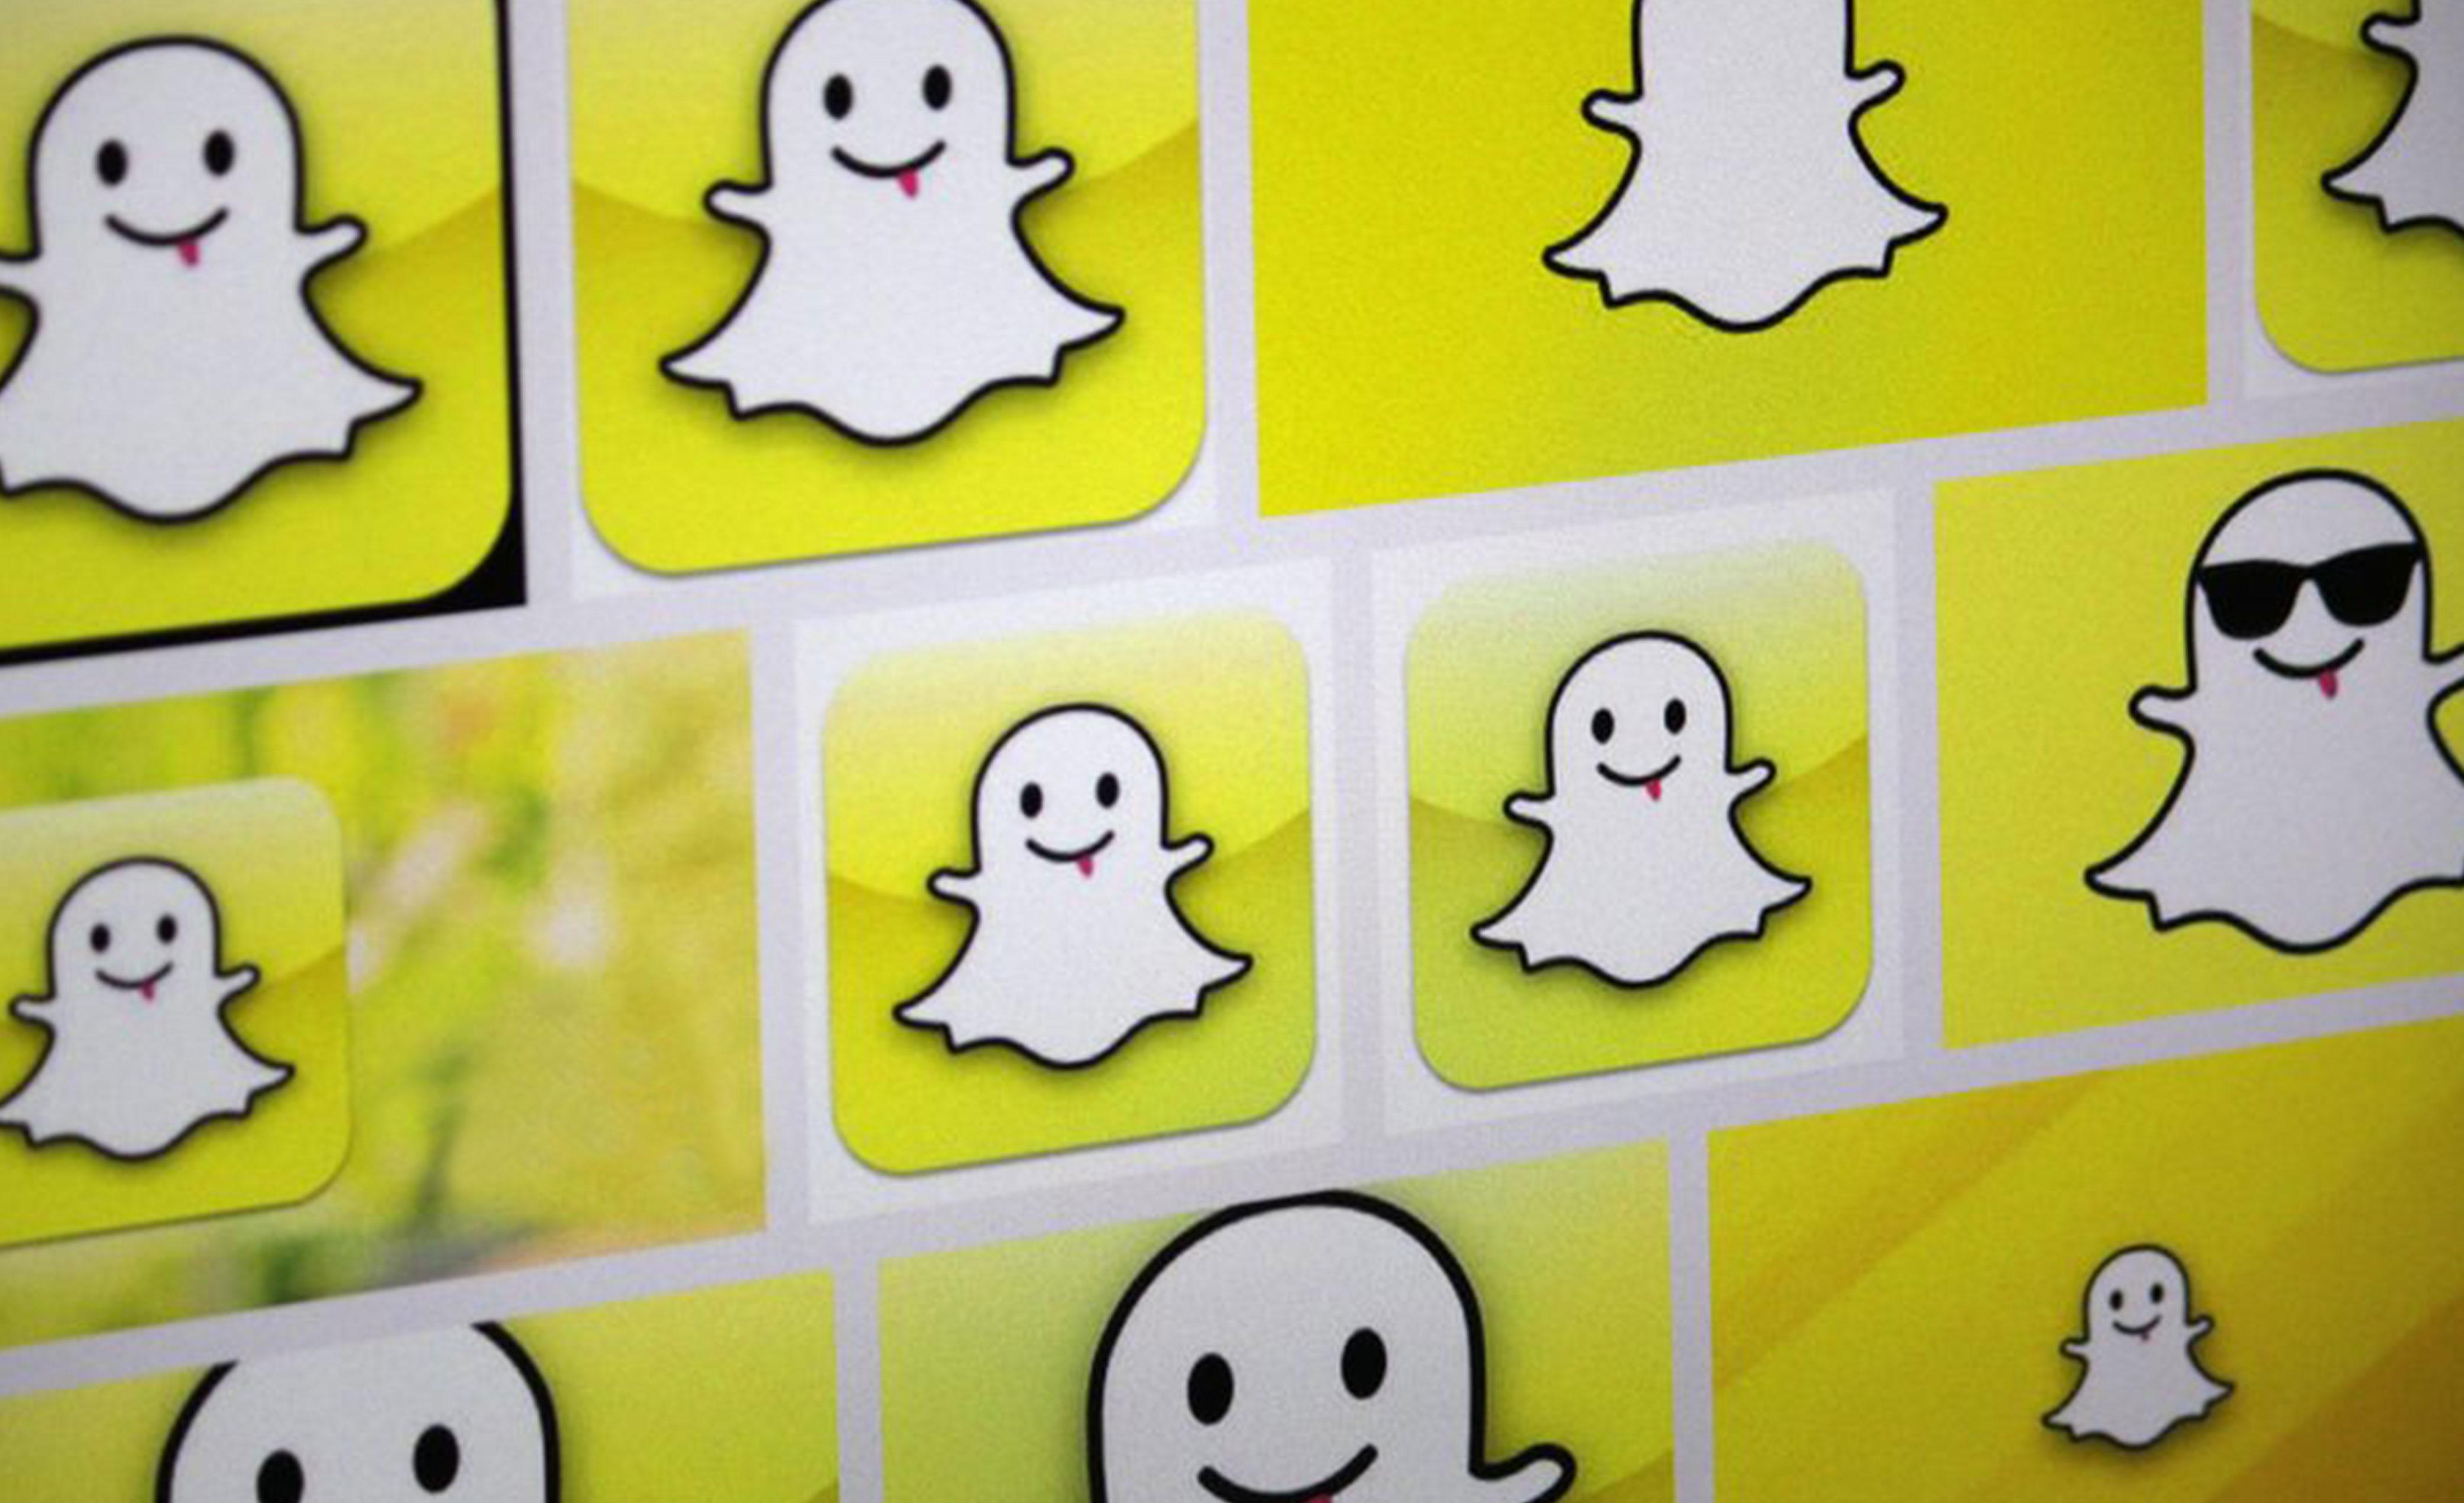 Una crescita inarrestabile: il caso Snapchat